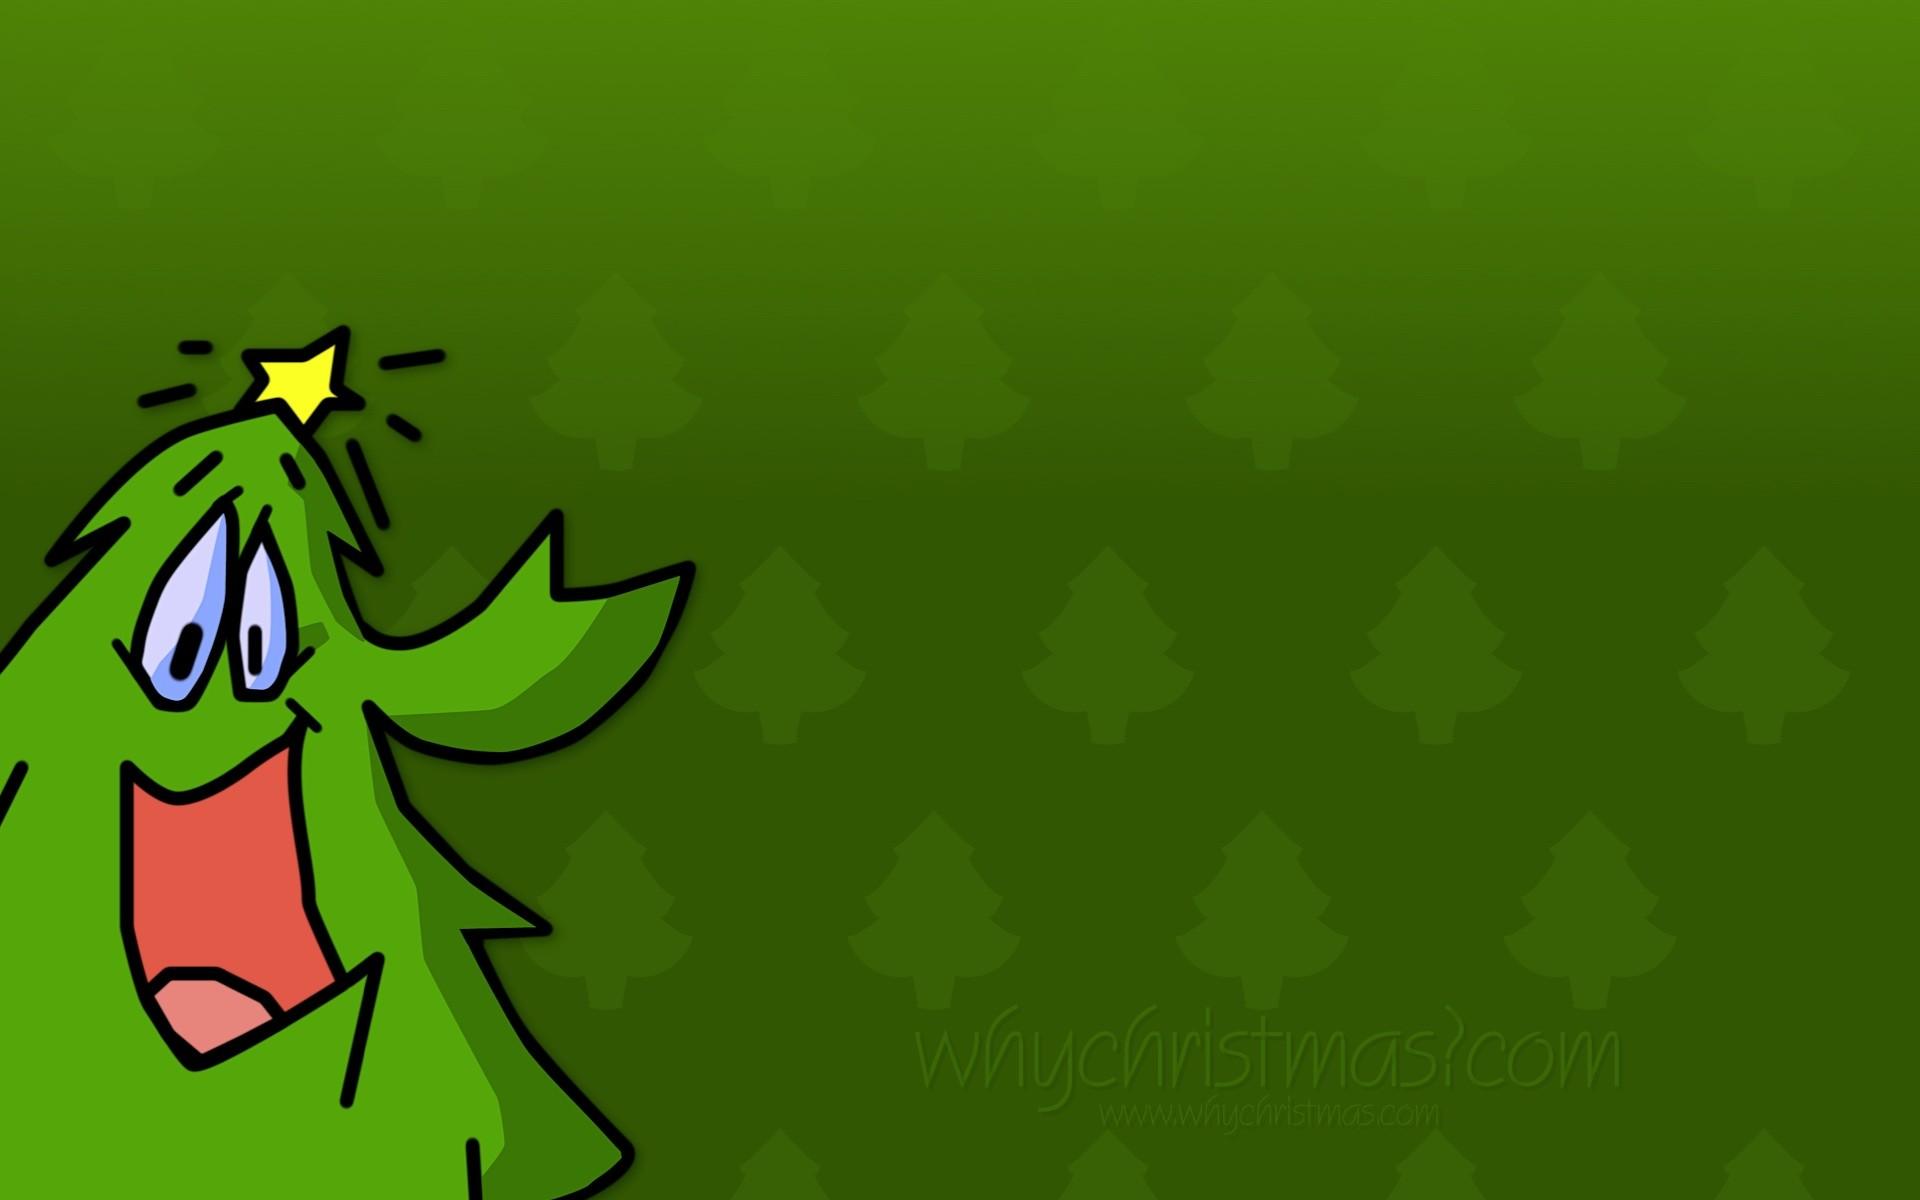 Fondos Para Pantallas De Grinch Para Navidad: Grinch Desktop Wallpaper (64+ Images